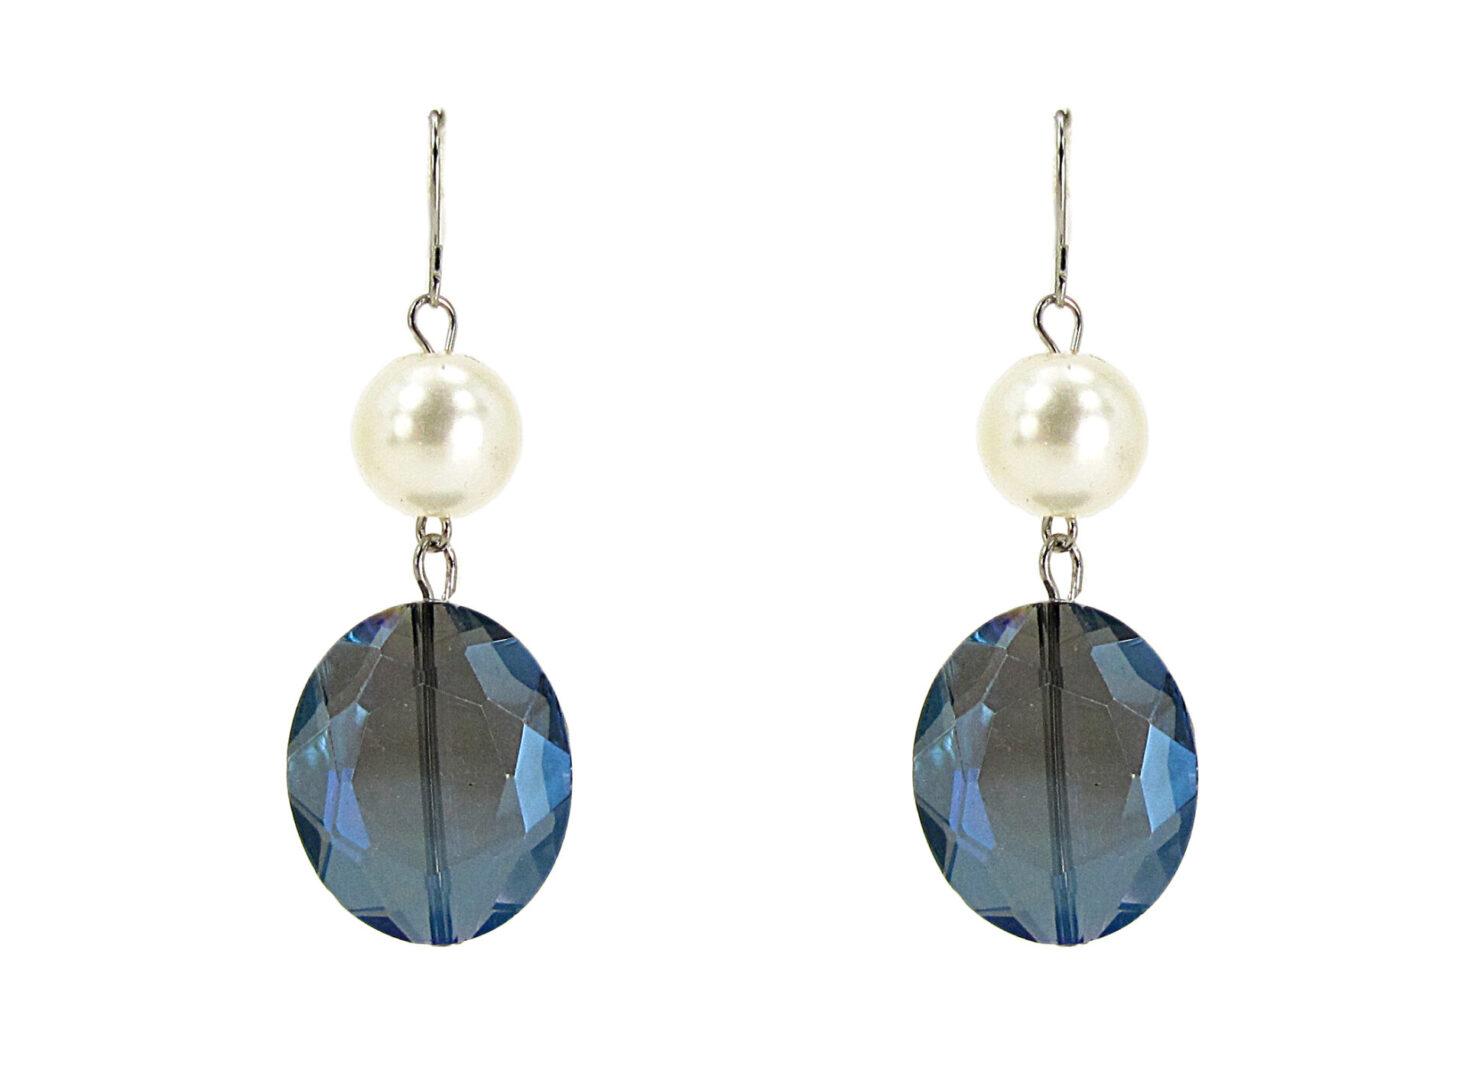 earrings with dark blue gemstones and pearls